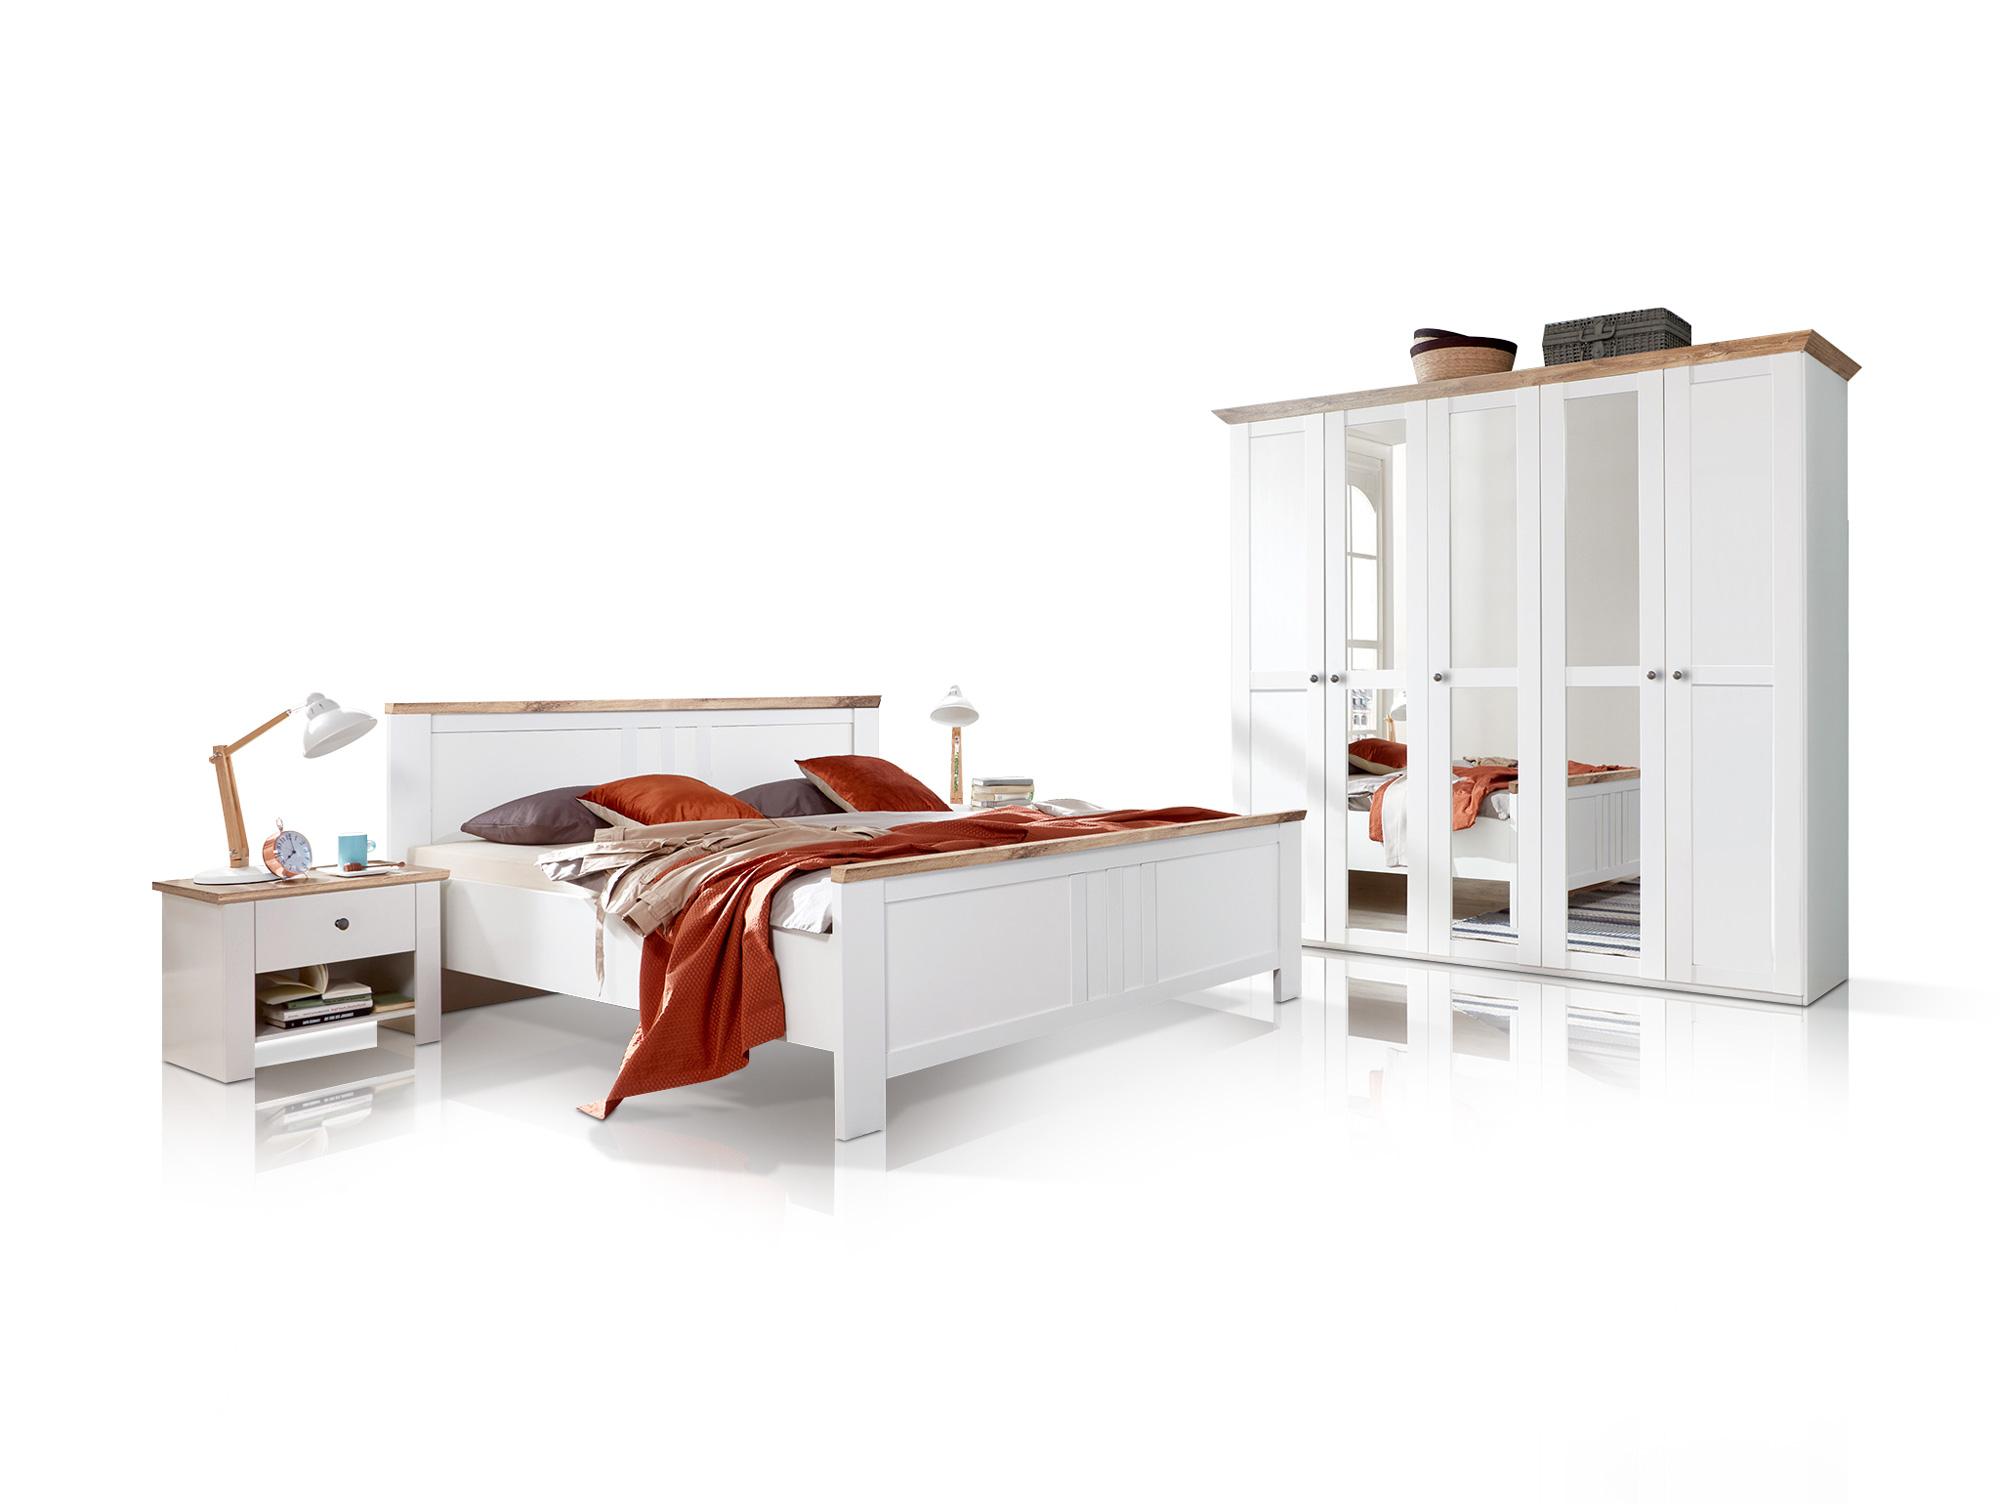 Oldenburg komplett schlafzimmer alpinwei plankeneiche 140 cm - Schlafzimmer komplett bei otto ...